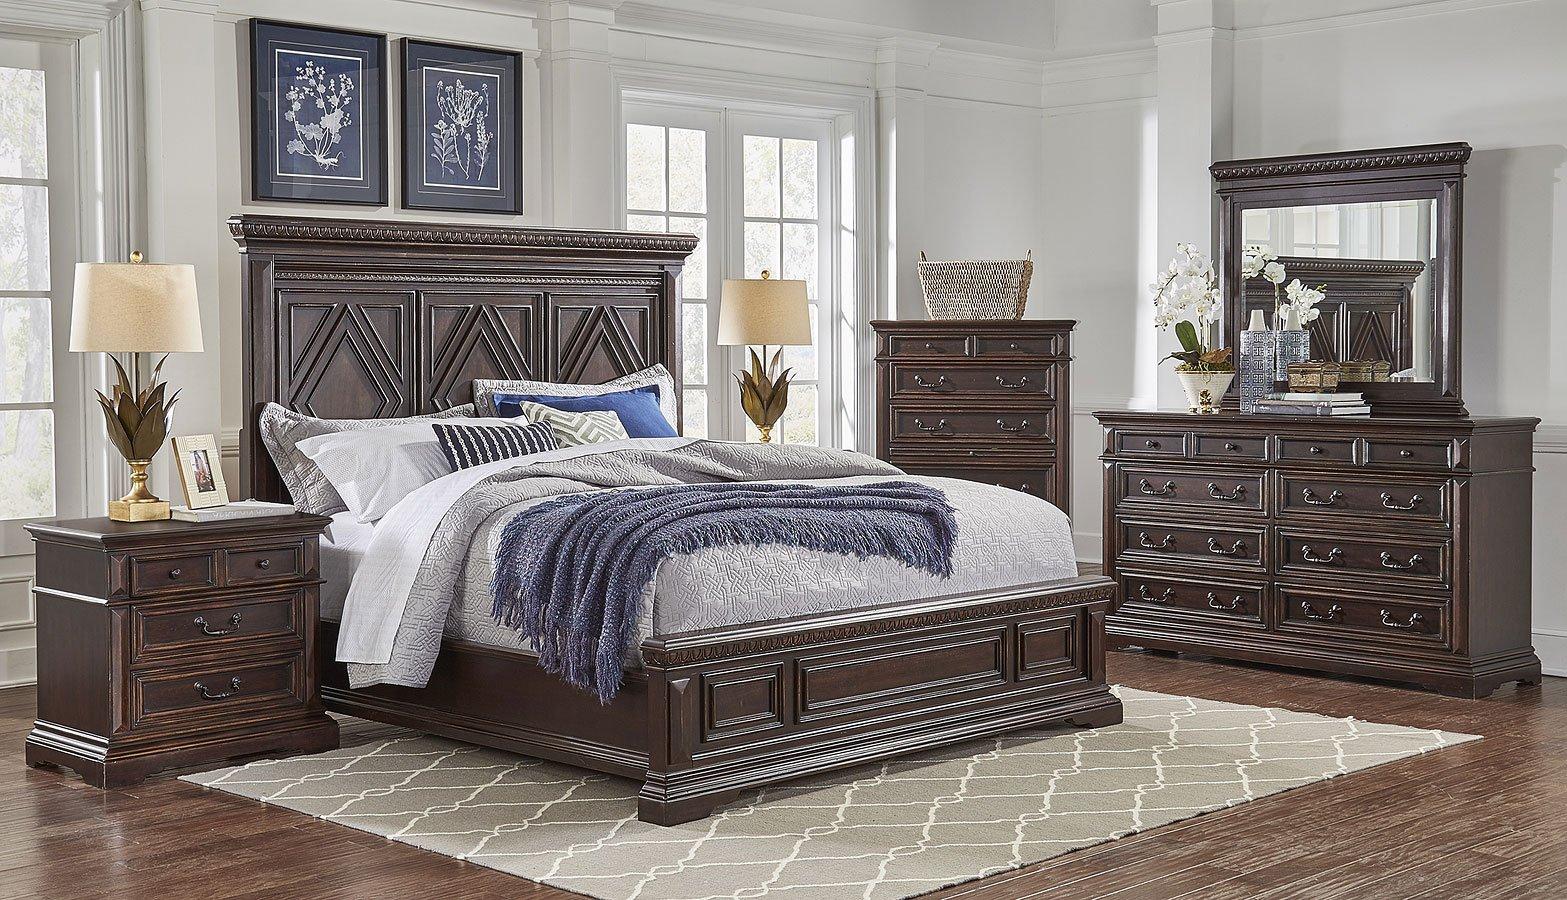 Castle panel bedroom set oasis home furniture cart for Ashton castle bedroom set by ashley